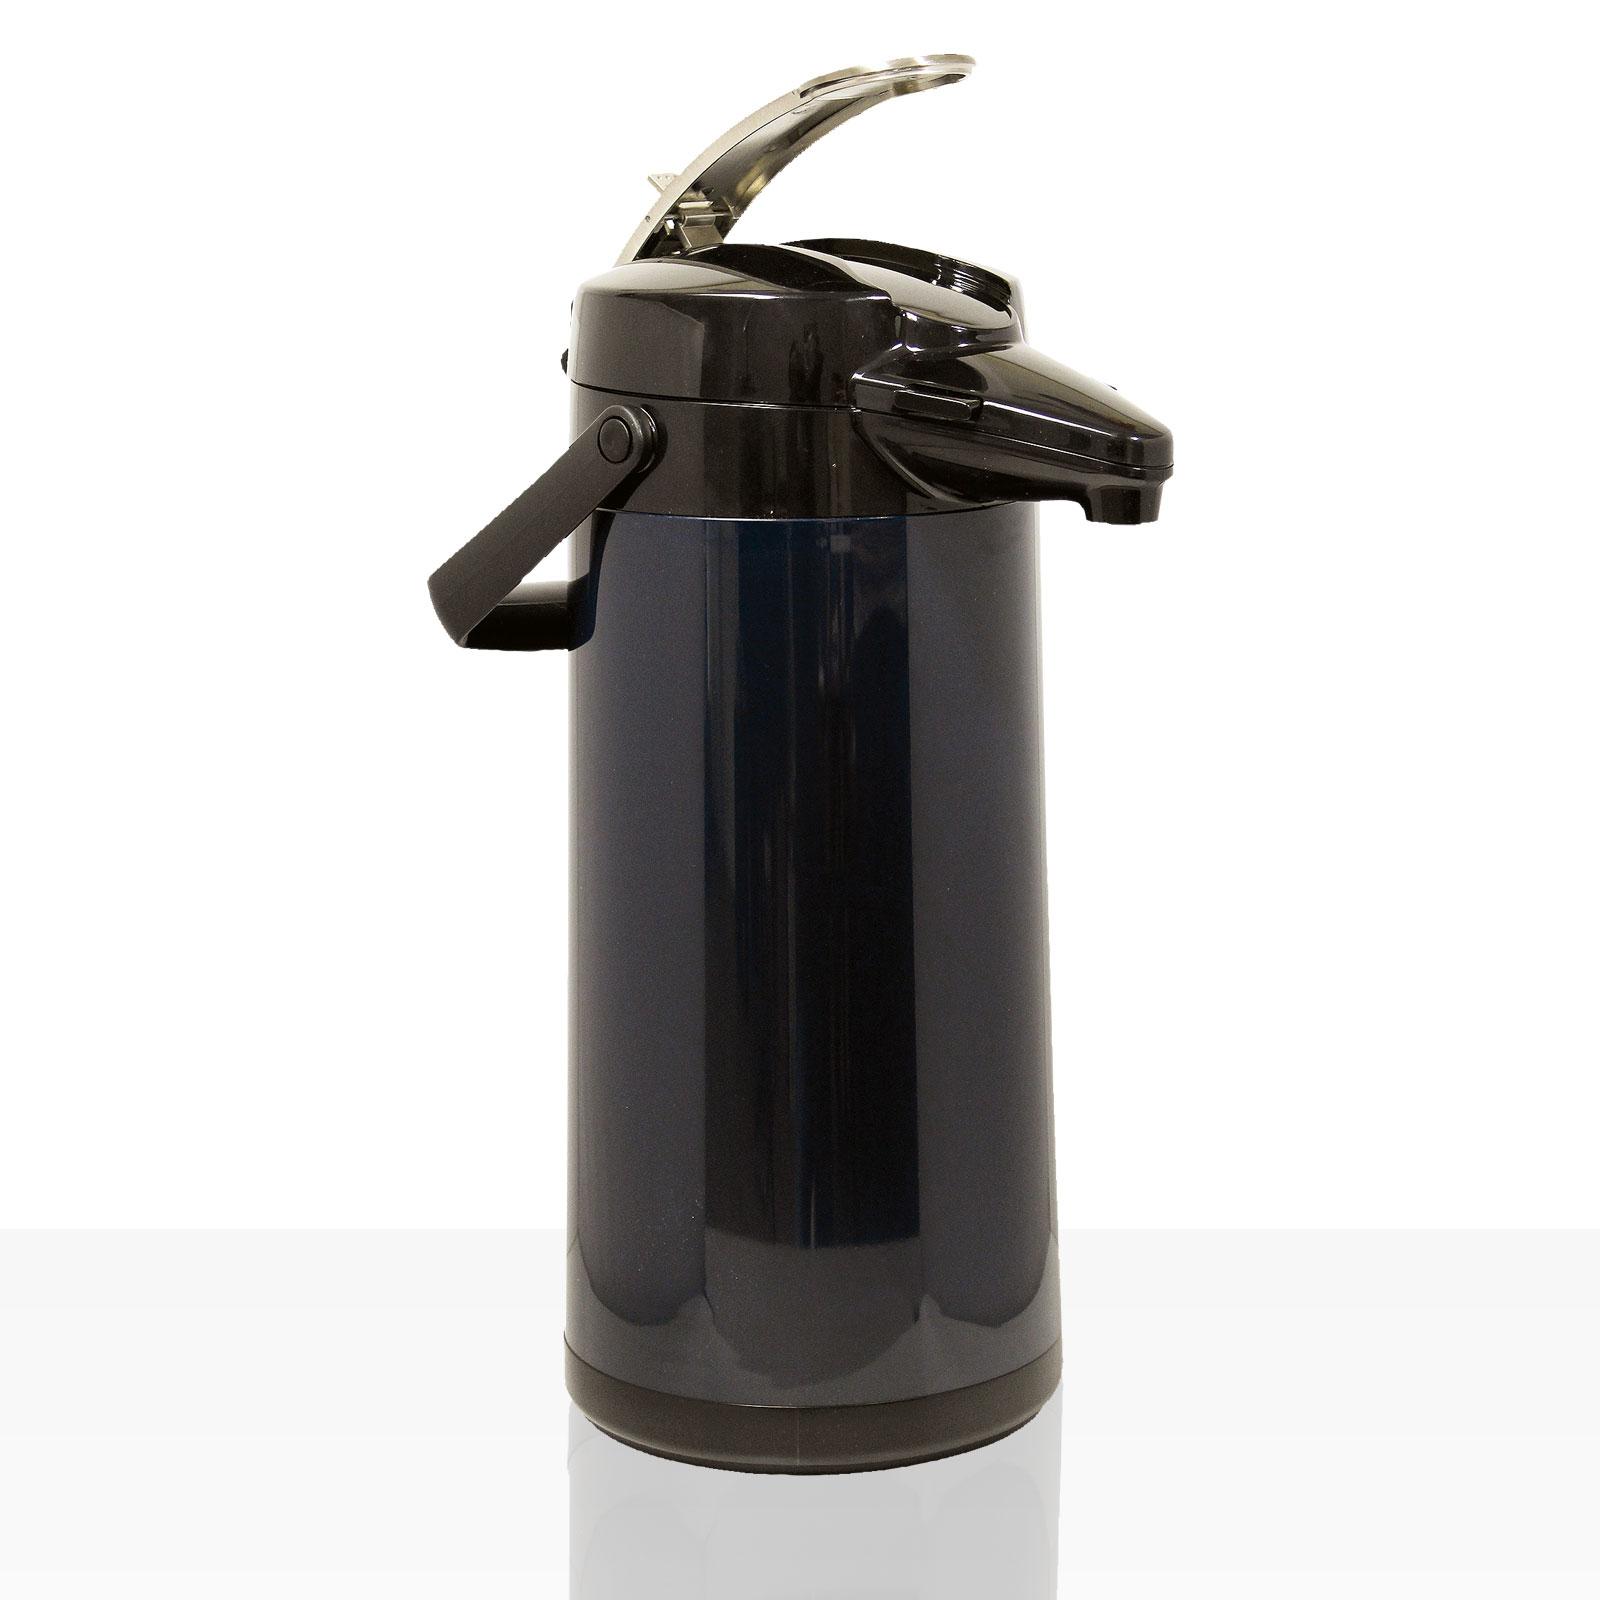 Bonamat Airpot Furento Pumpkanne 2,2l für TH - Glaseinsatz Matt Schwarz